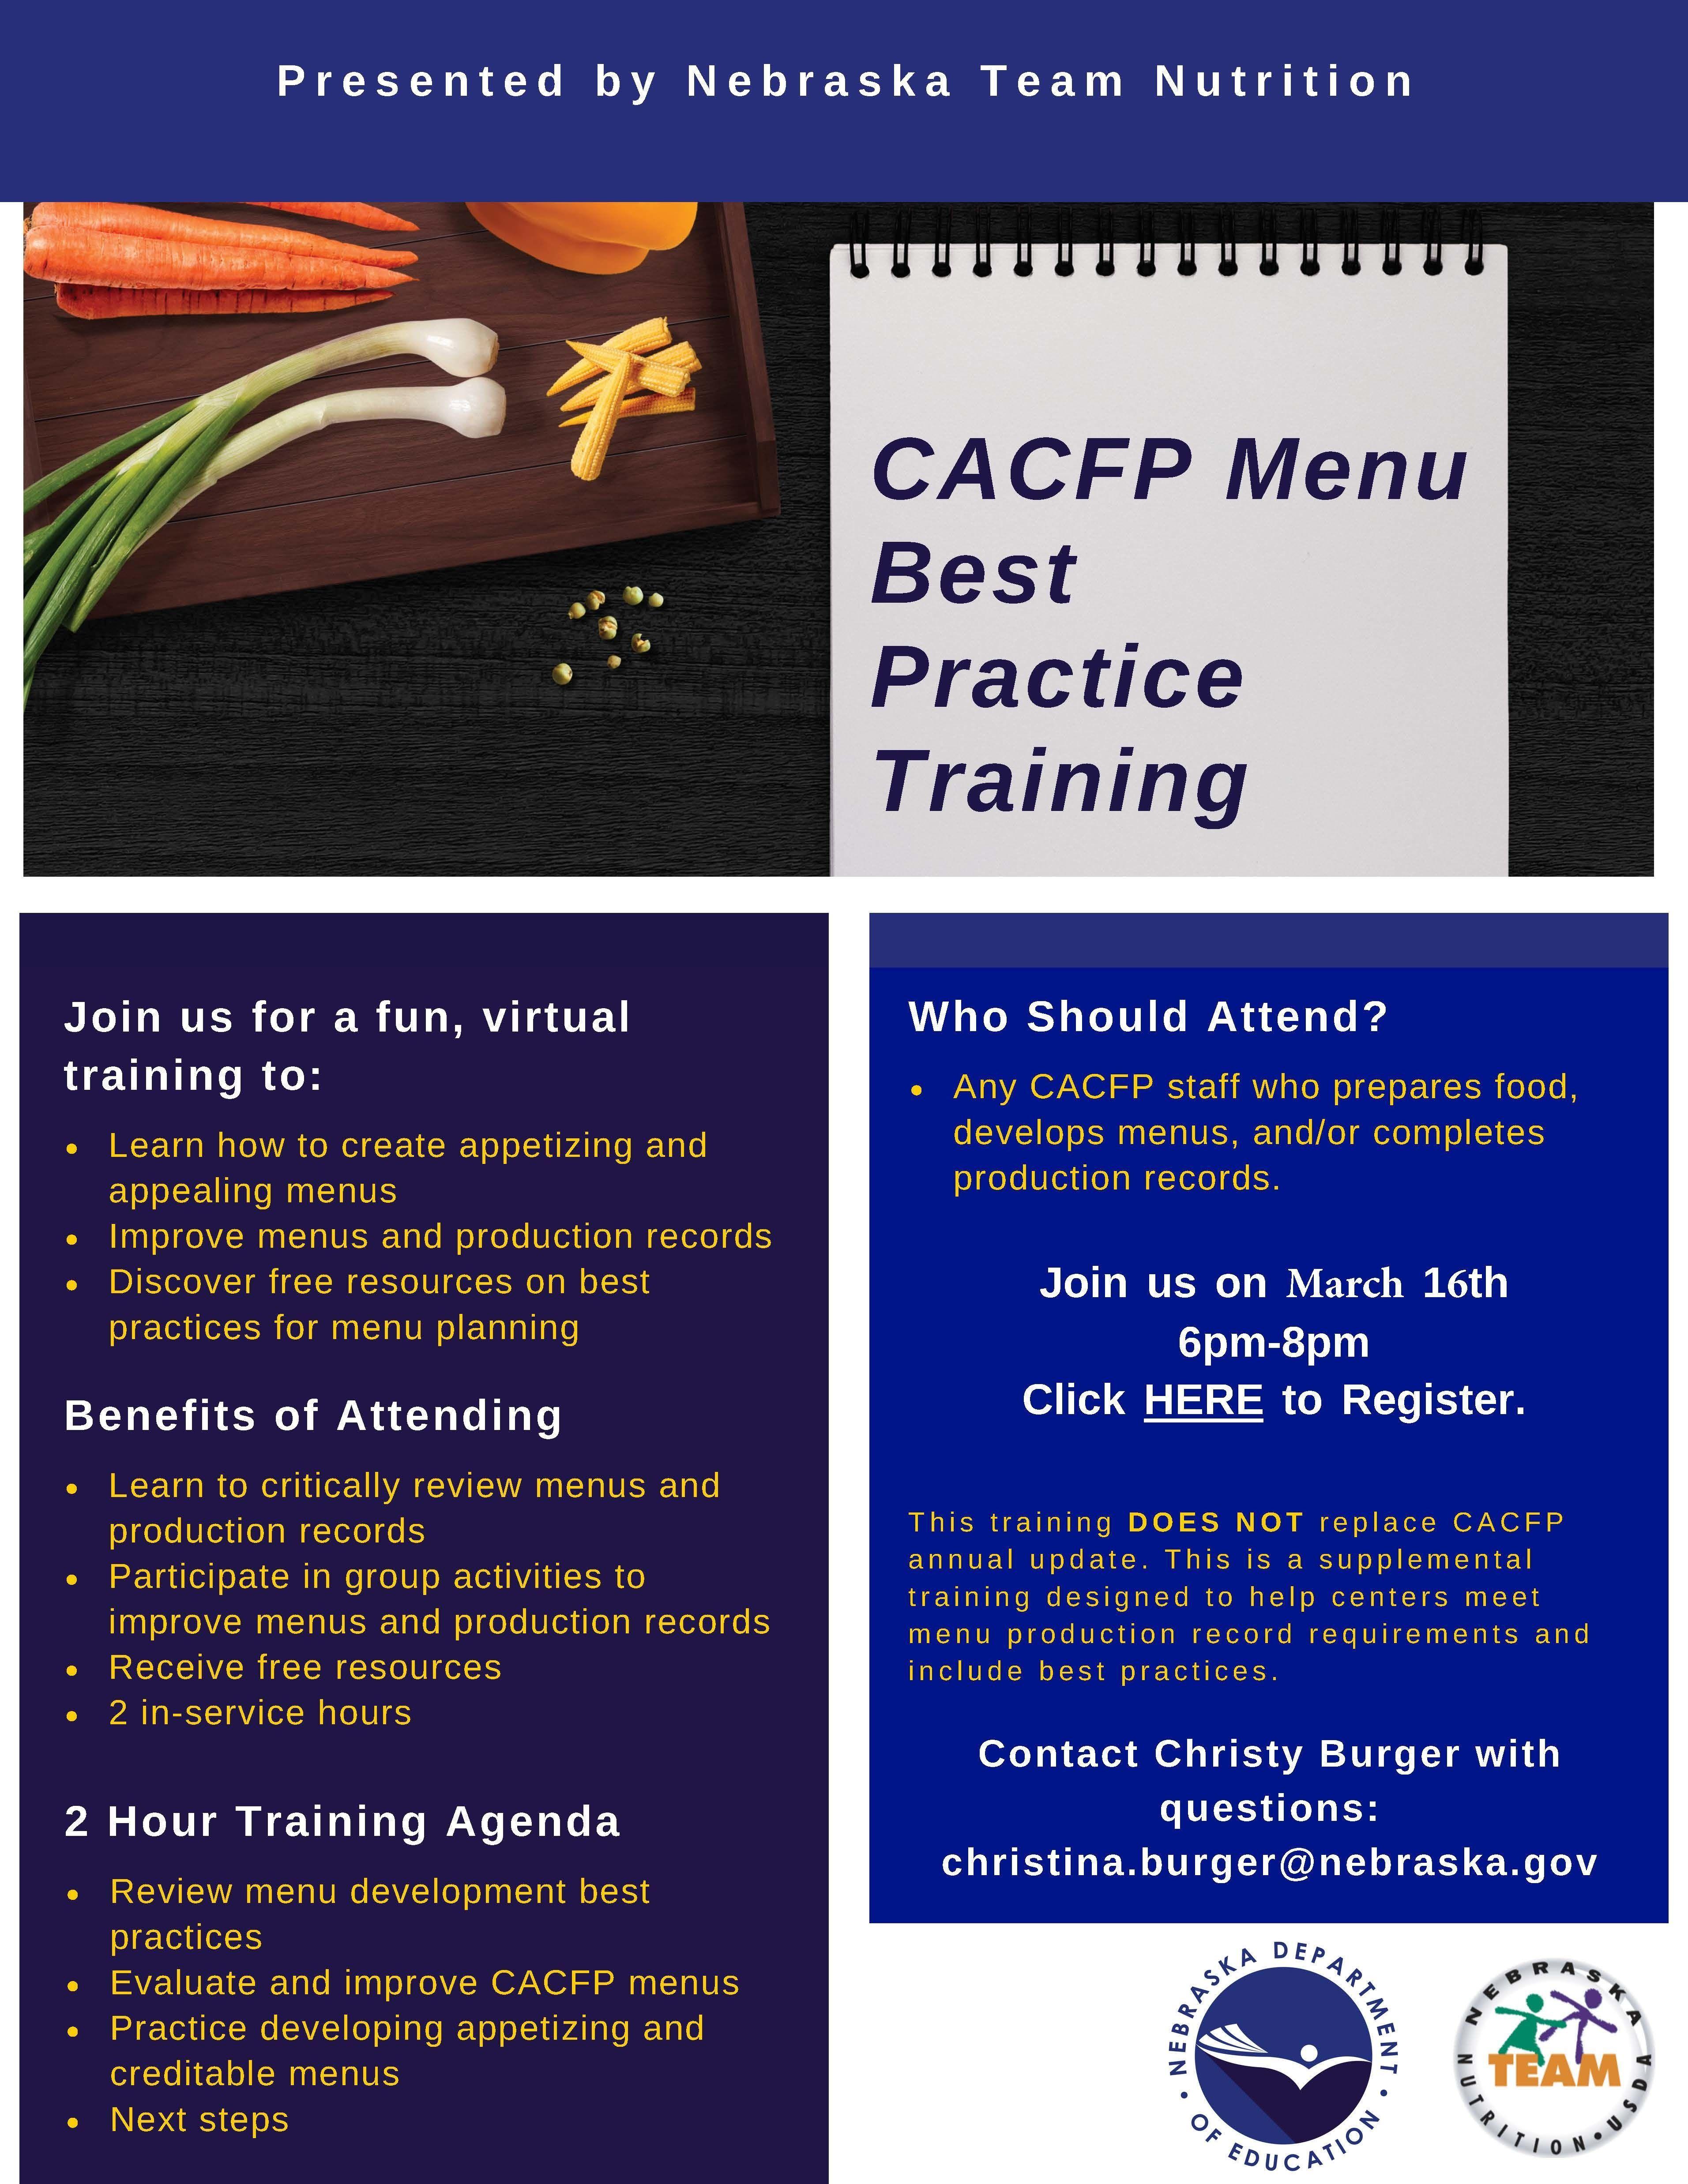 CACFP Best Practice Training